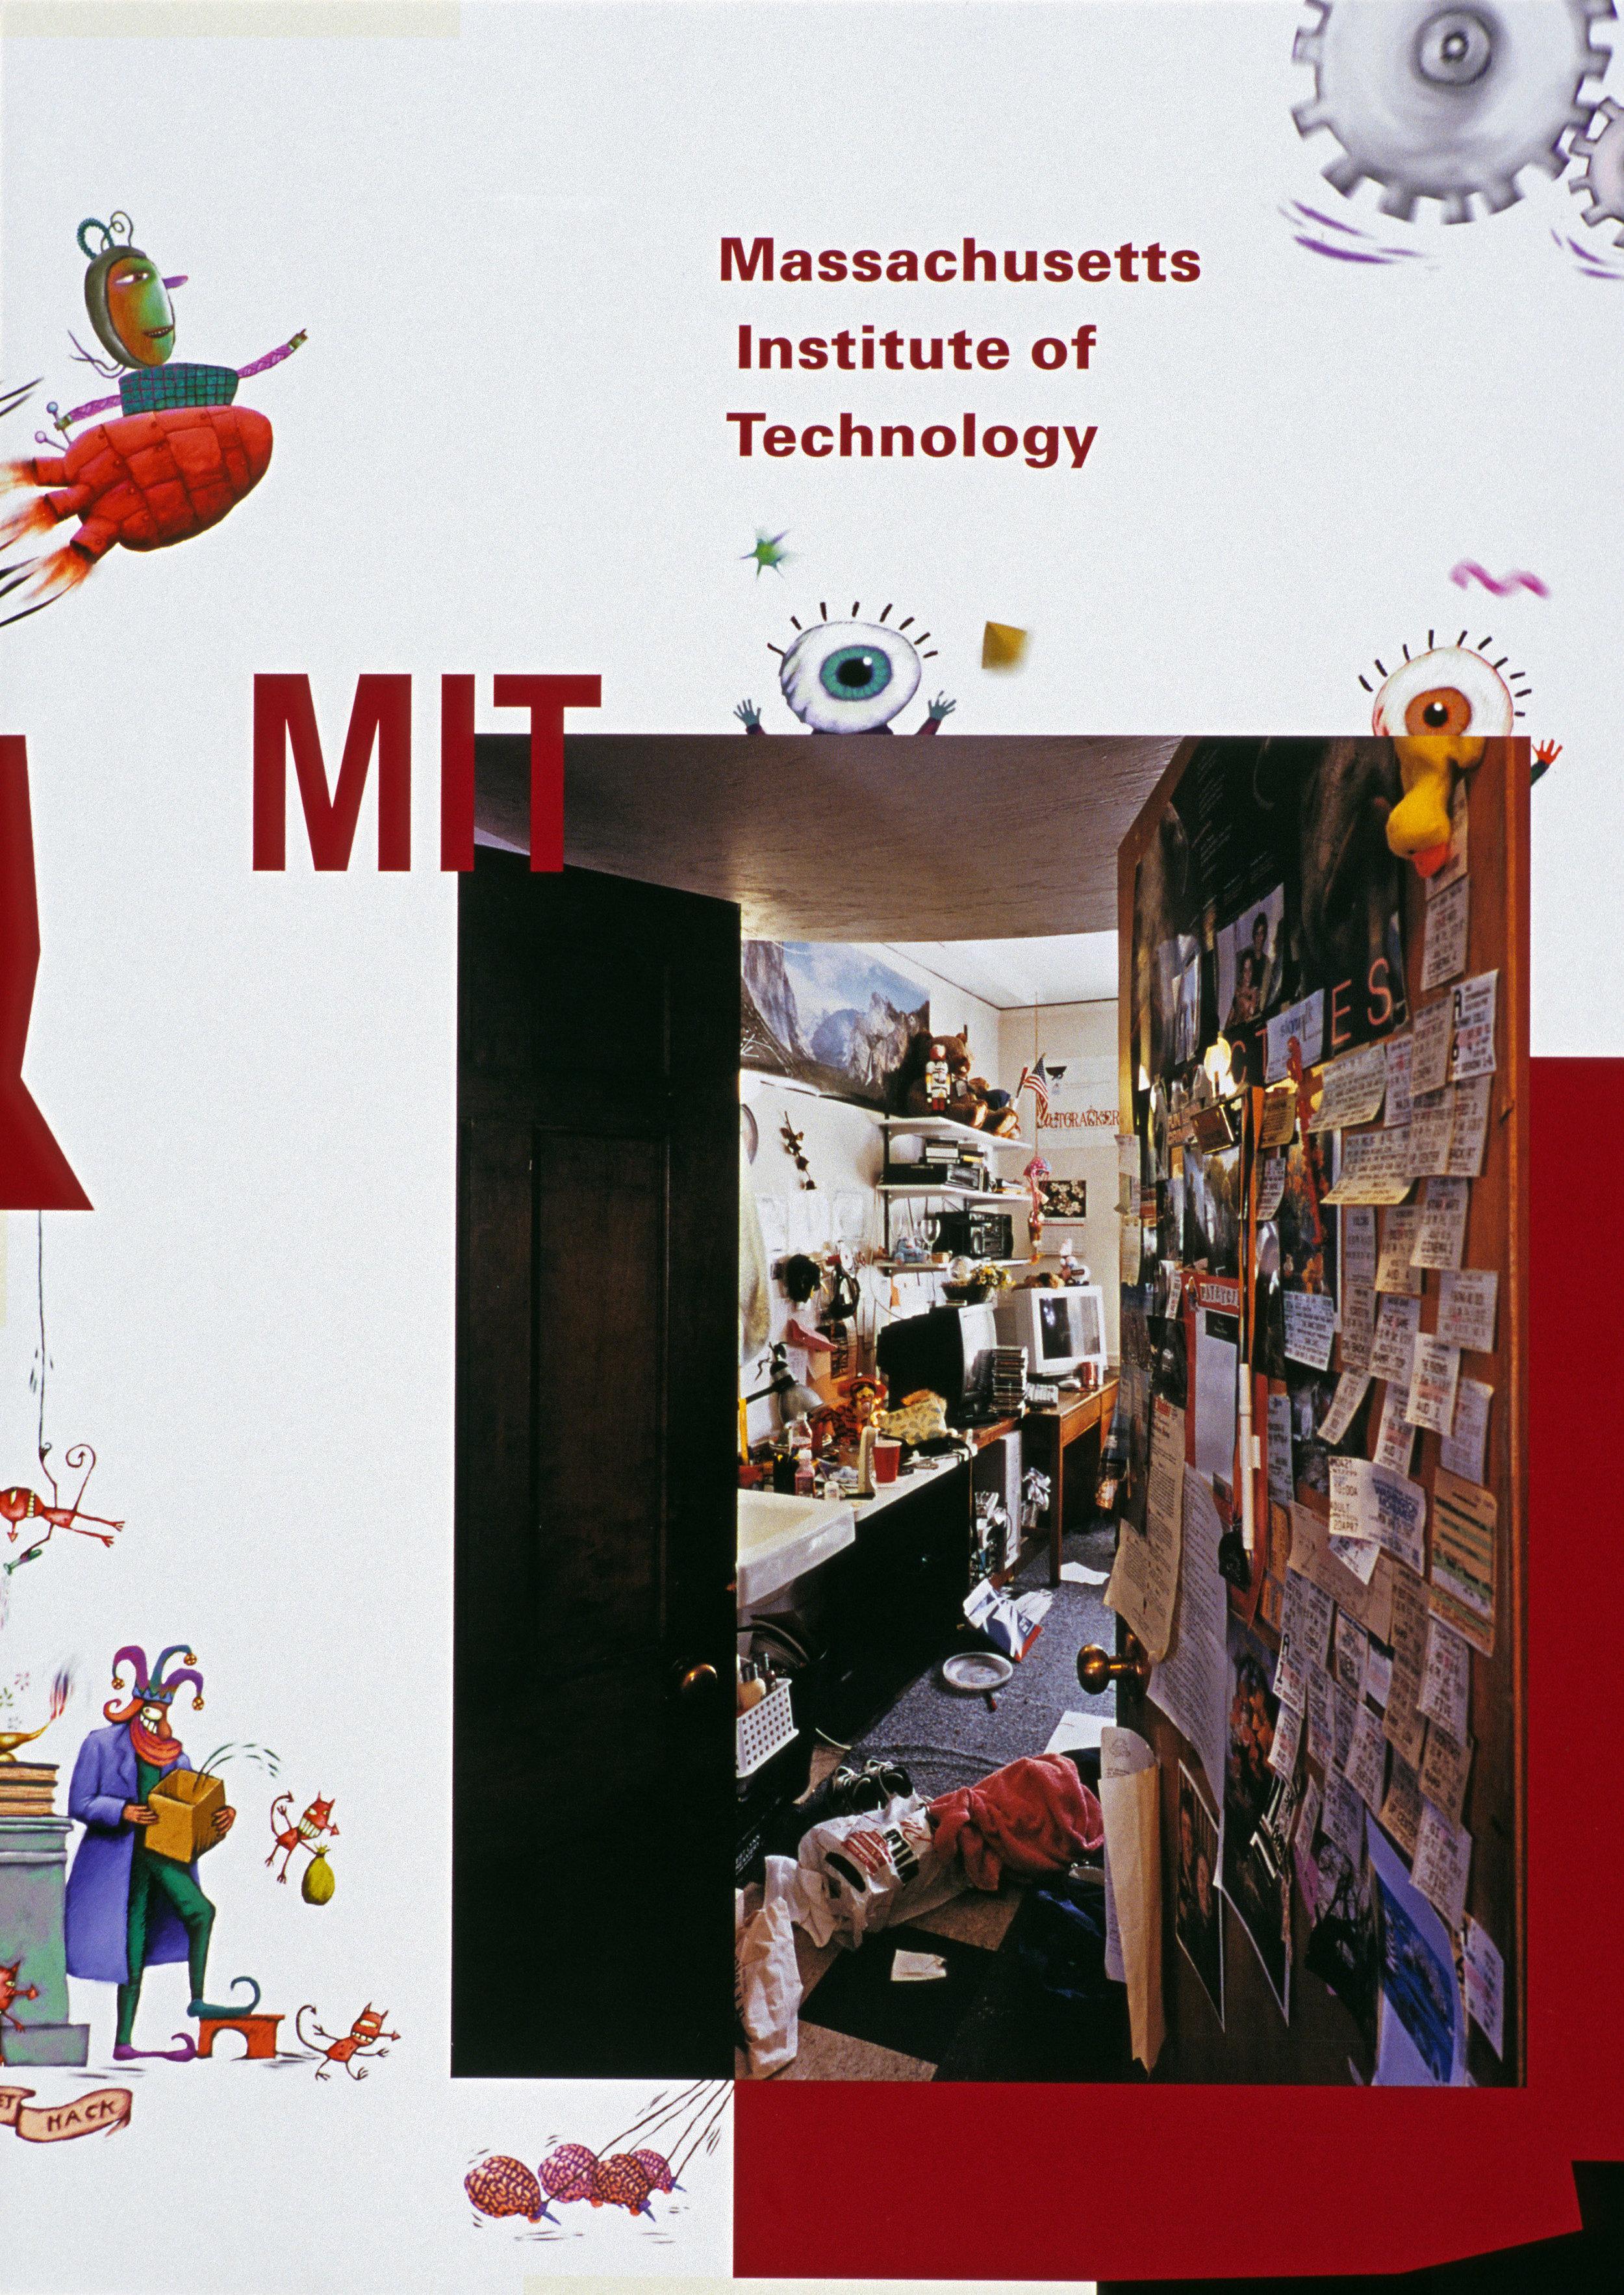 6-2000-mitview-side2-cvr-2lrgmed.jpg